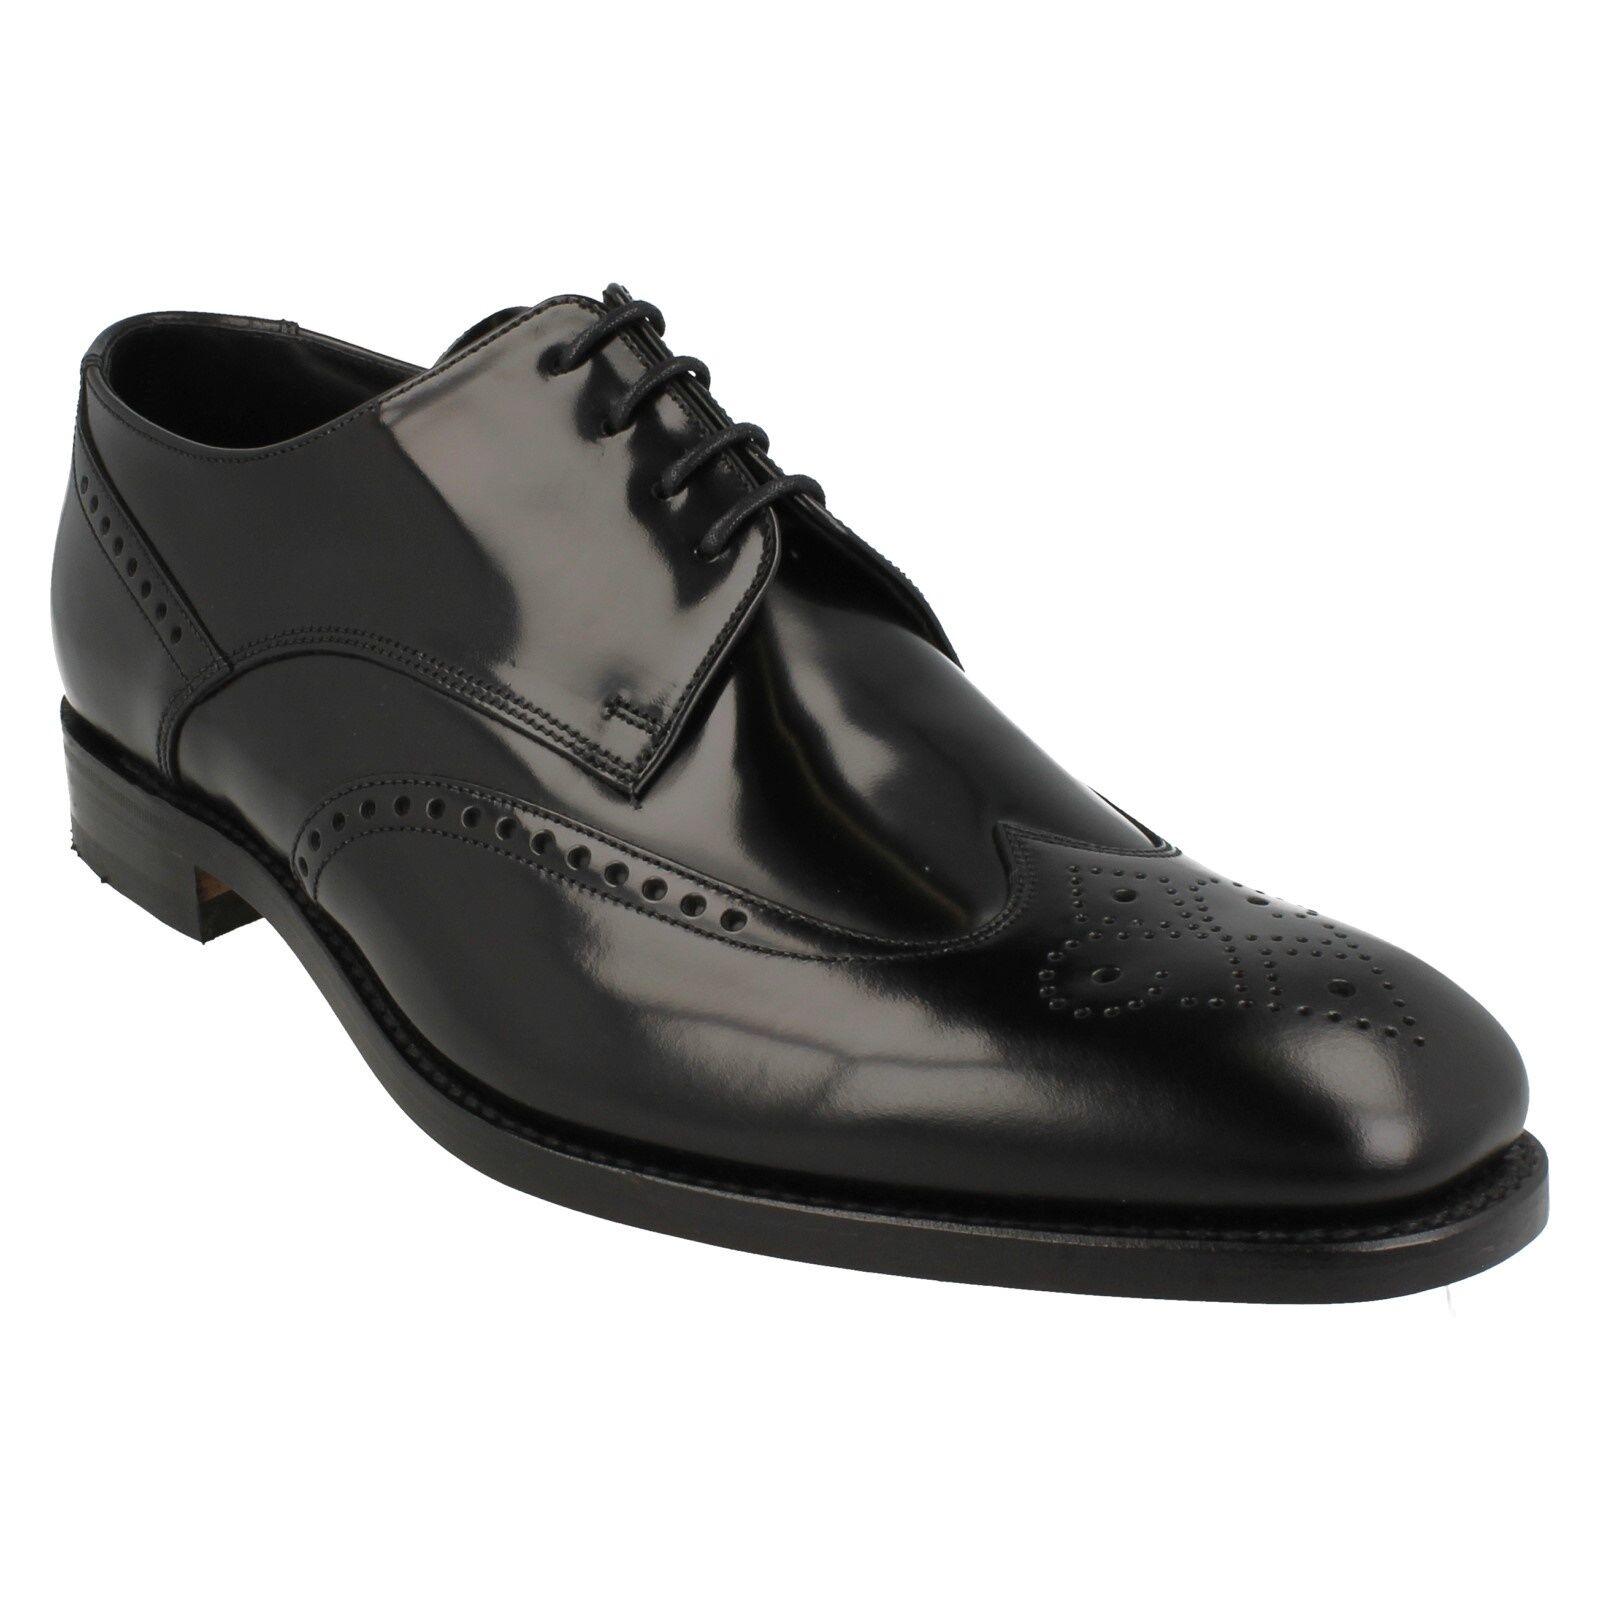 Zapatos De Cuero BOGART para hombre LOAKE acordonados formal inteligente Semi Brogue Negro Pulido